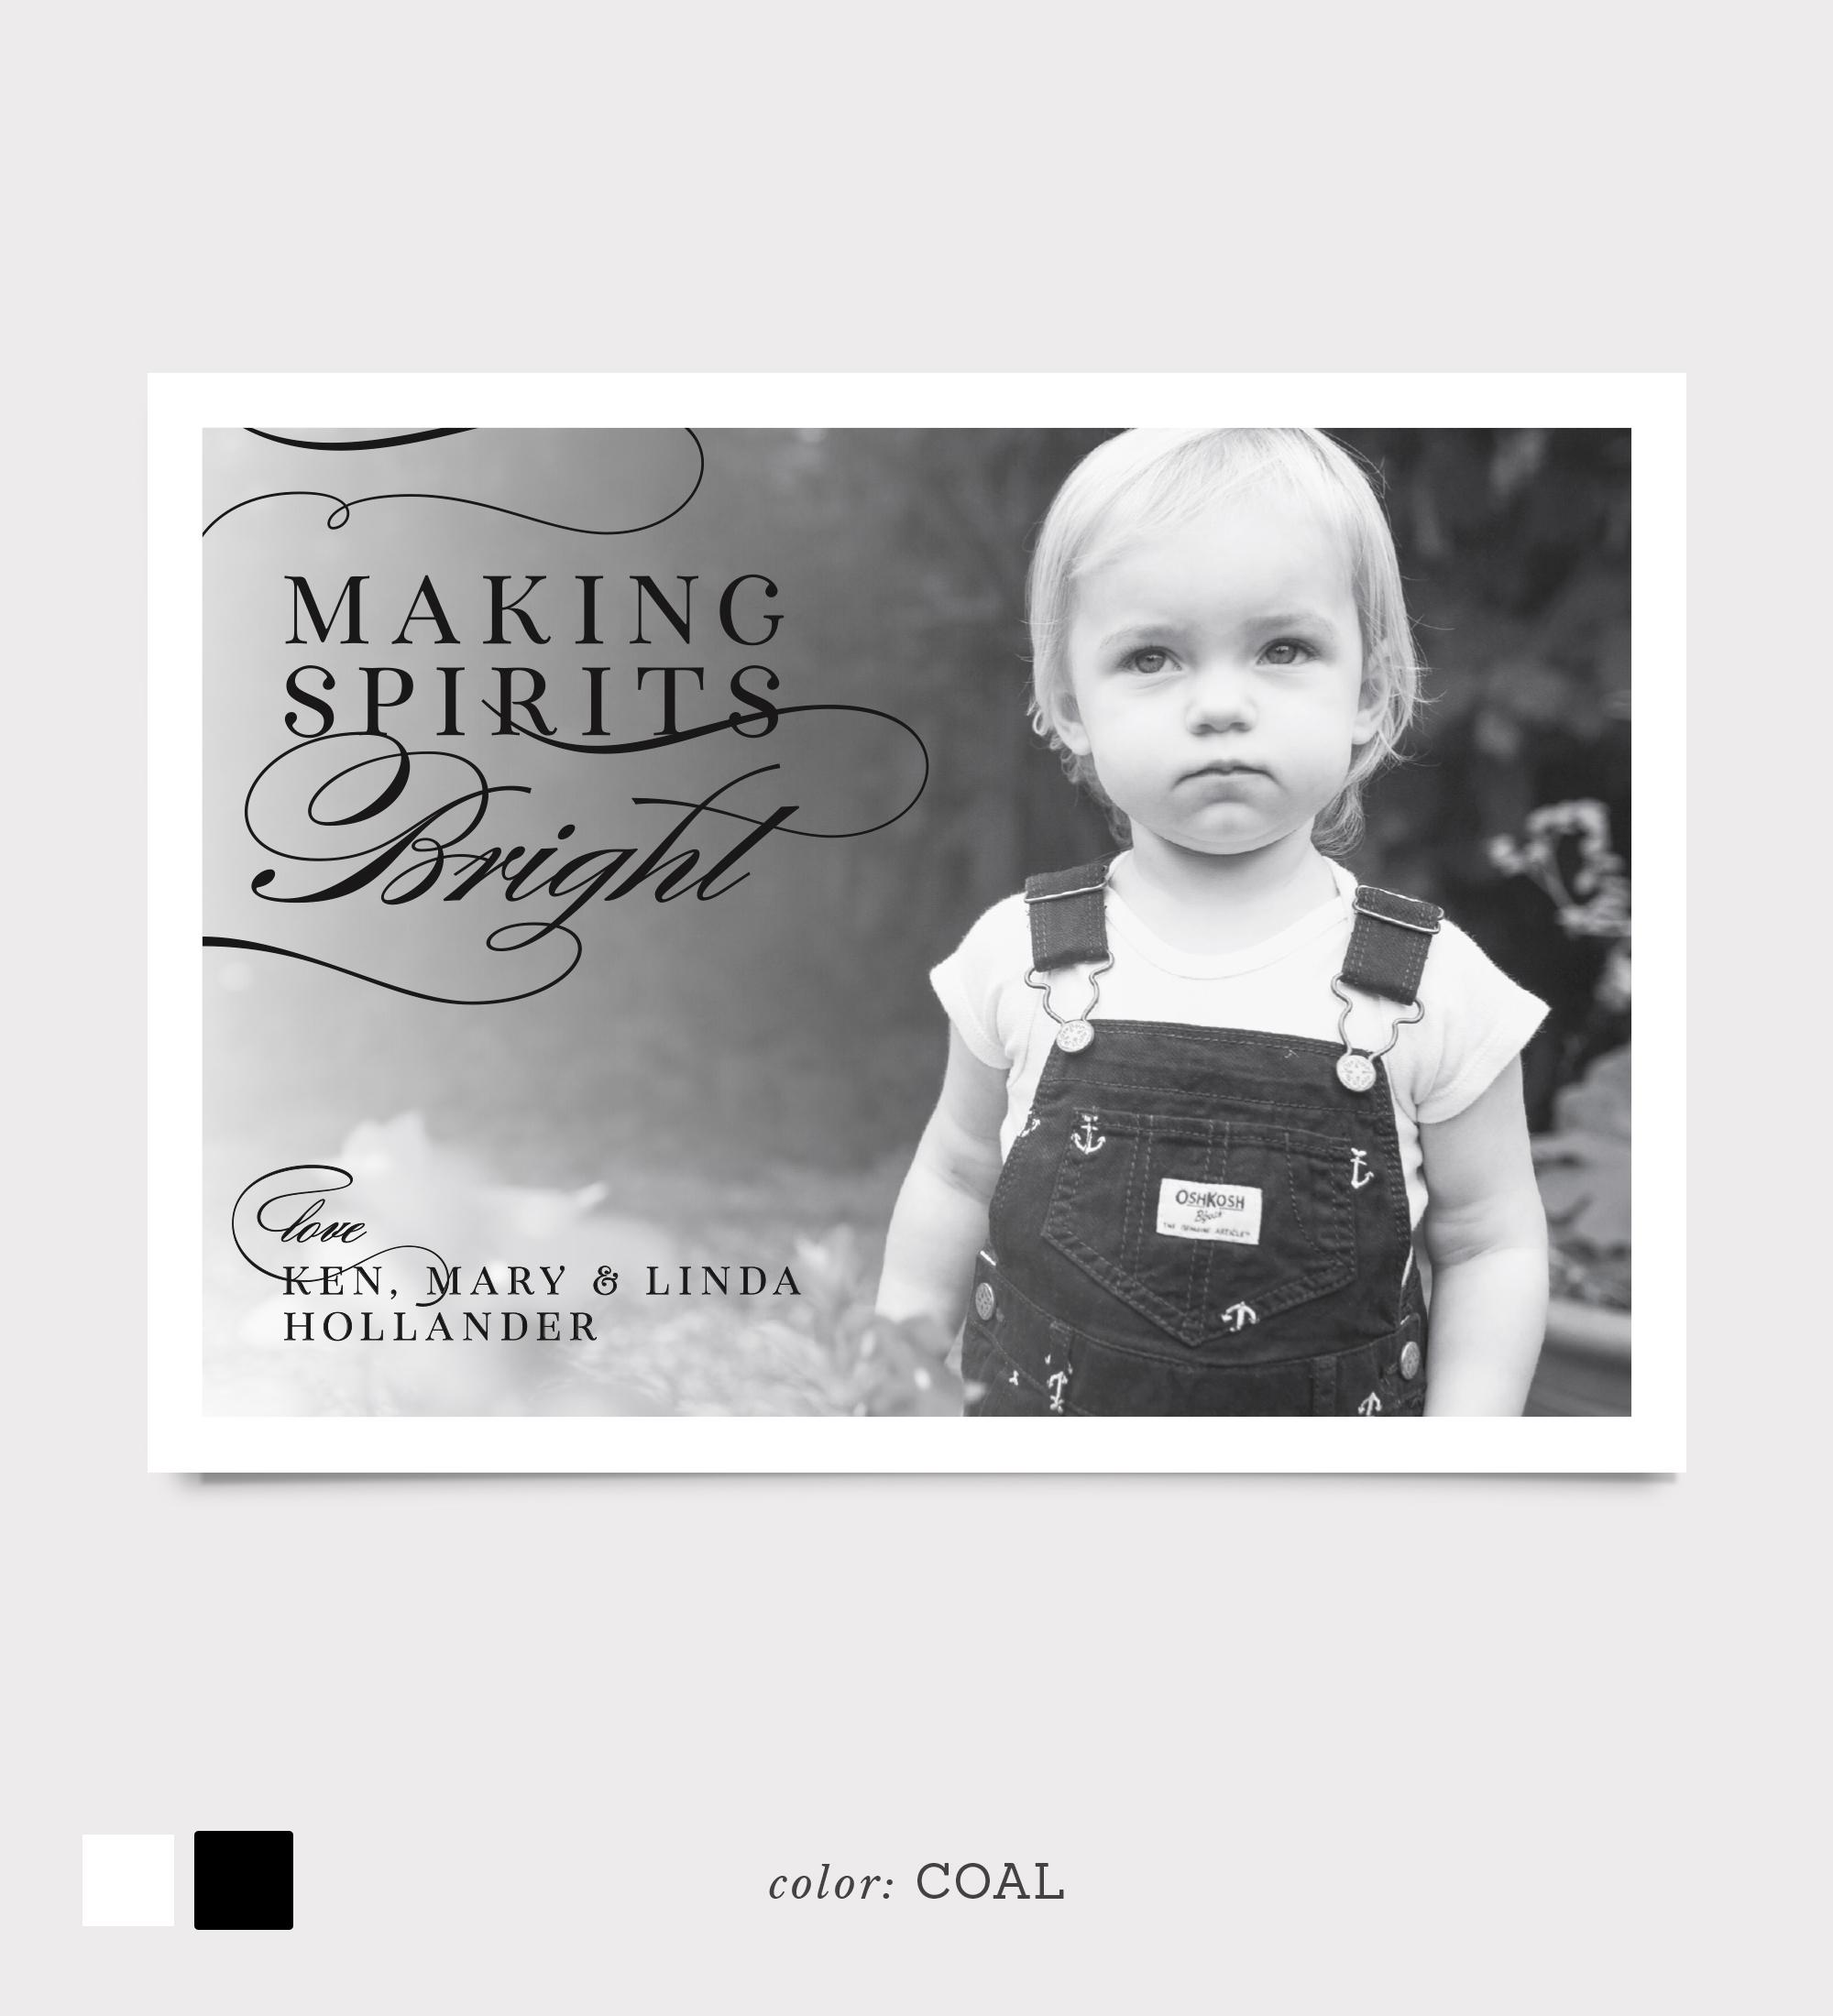 CRISP_19H-MakingSpiritsBright_2.jpg